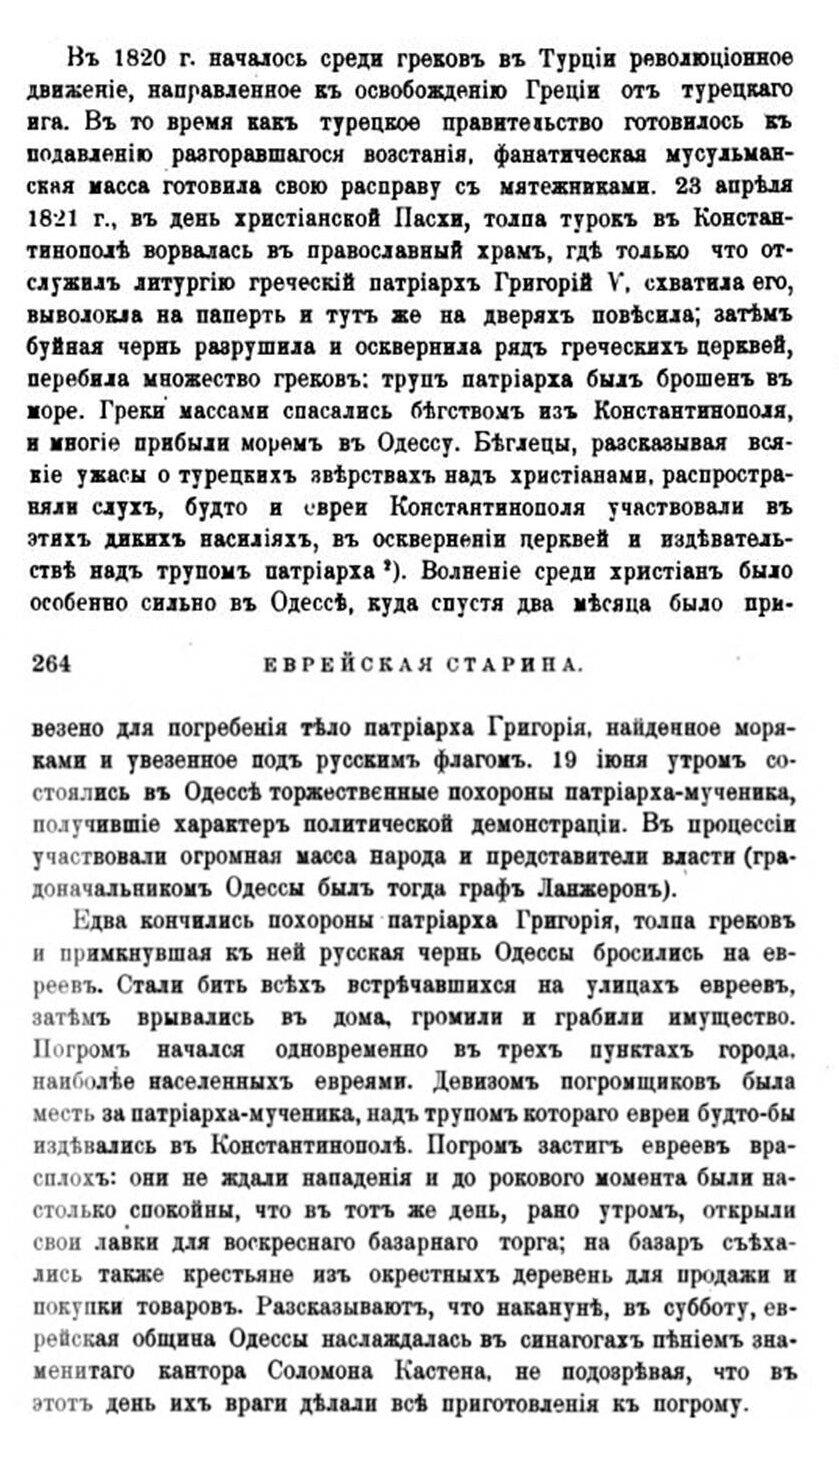 Газета «Еврейская старина» за 1911 год